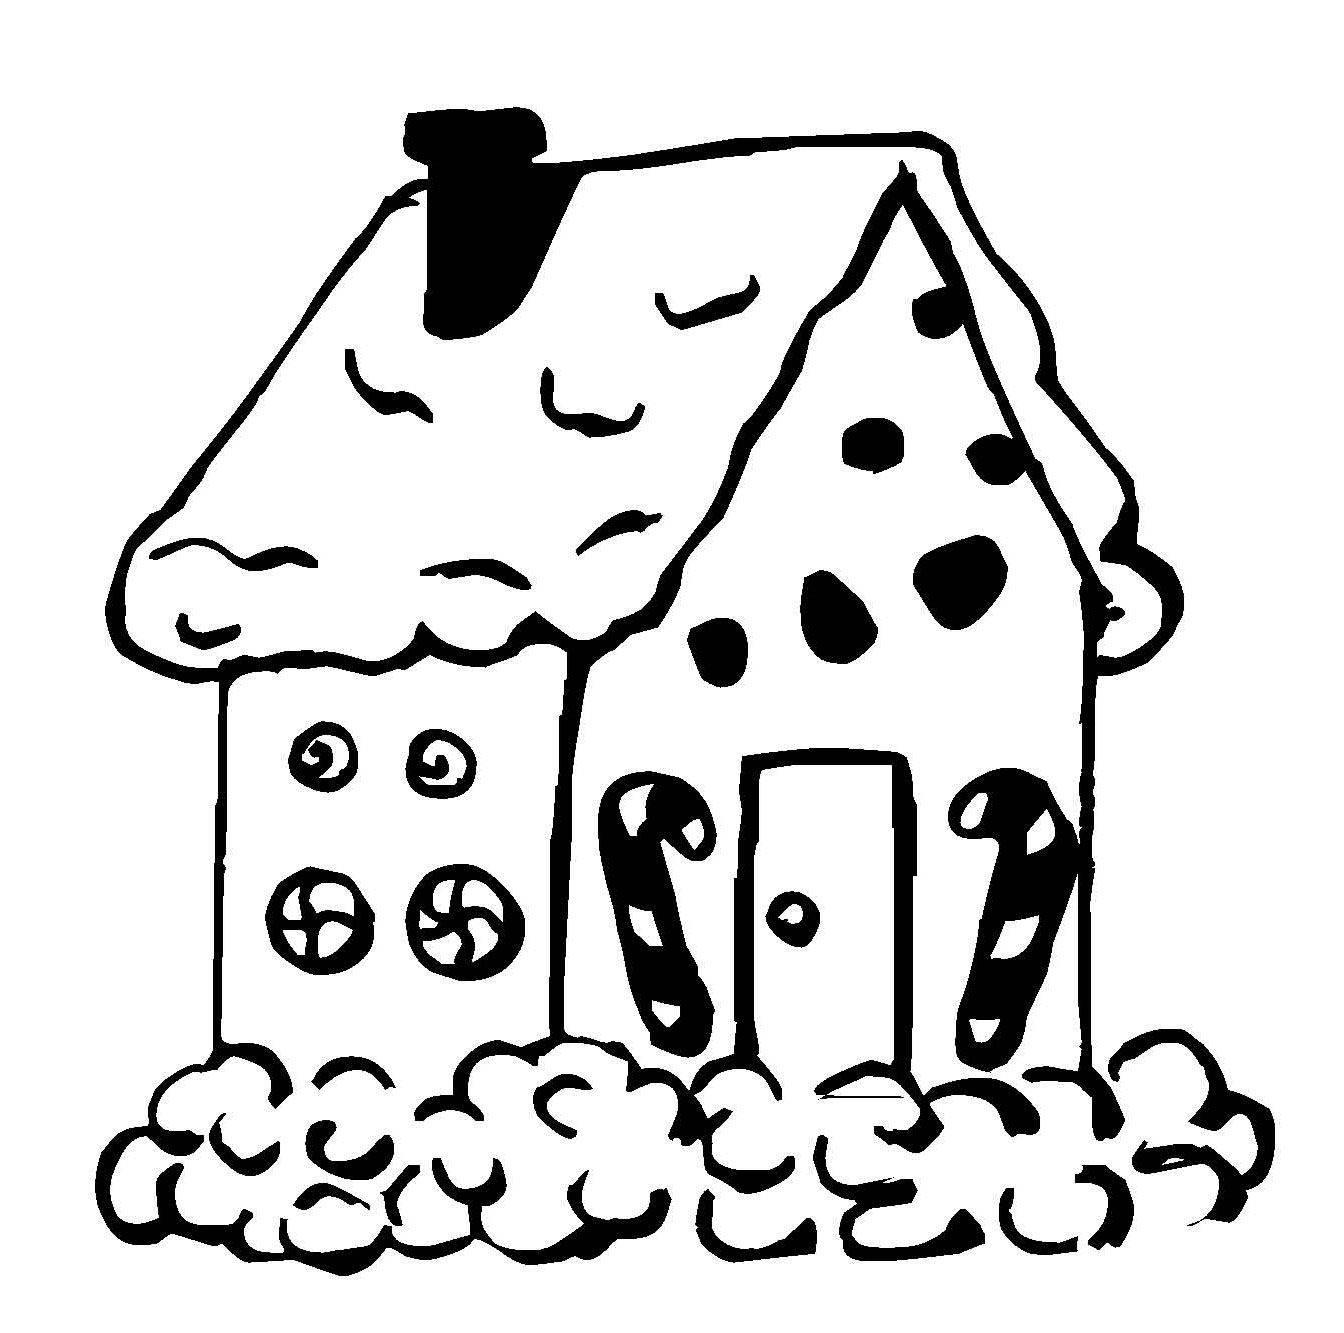 Kostenlose Malvorlage Weihnachten: Lebkuchenhaus zum Ausmalen